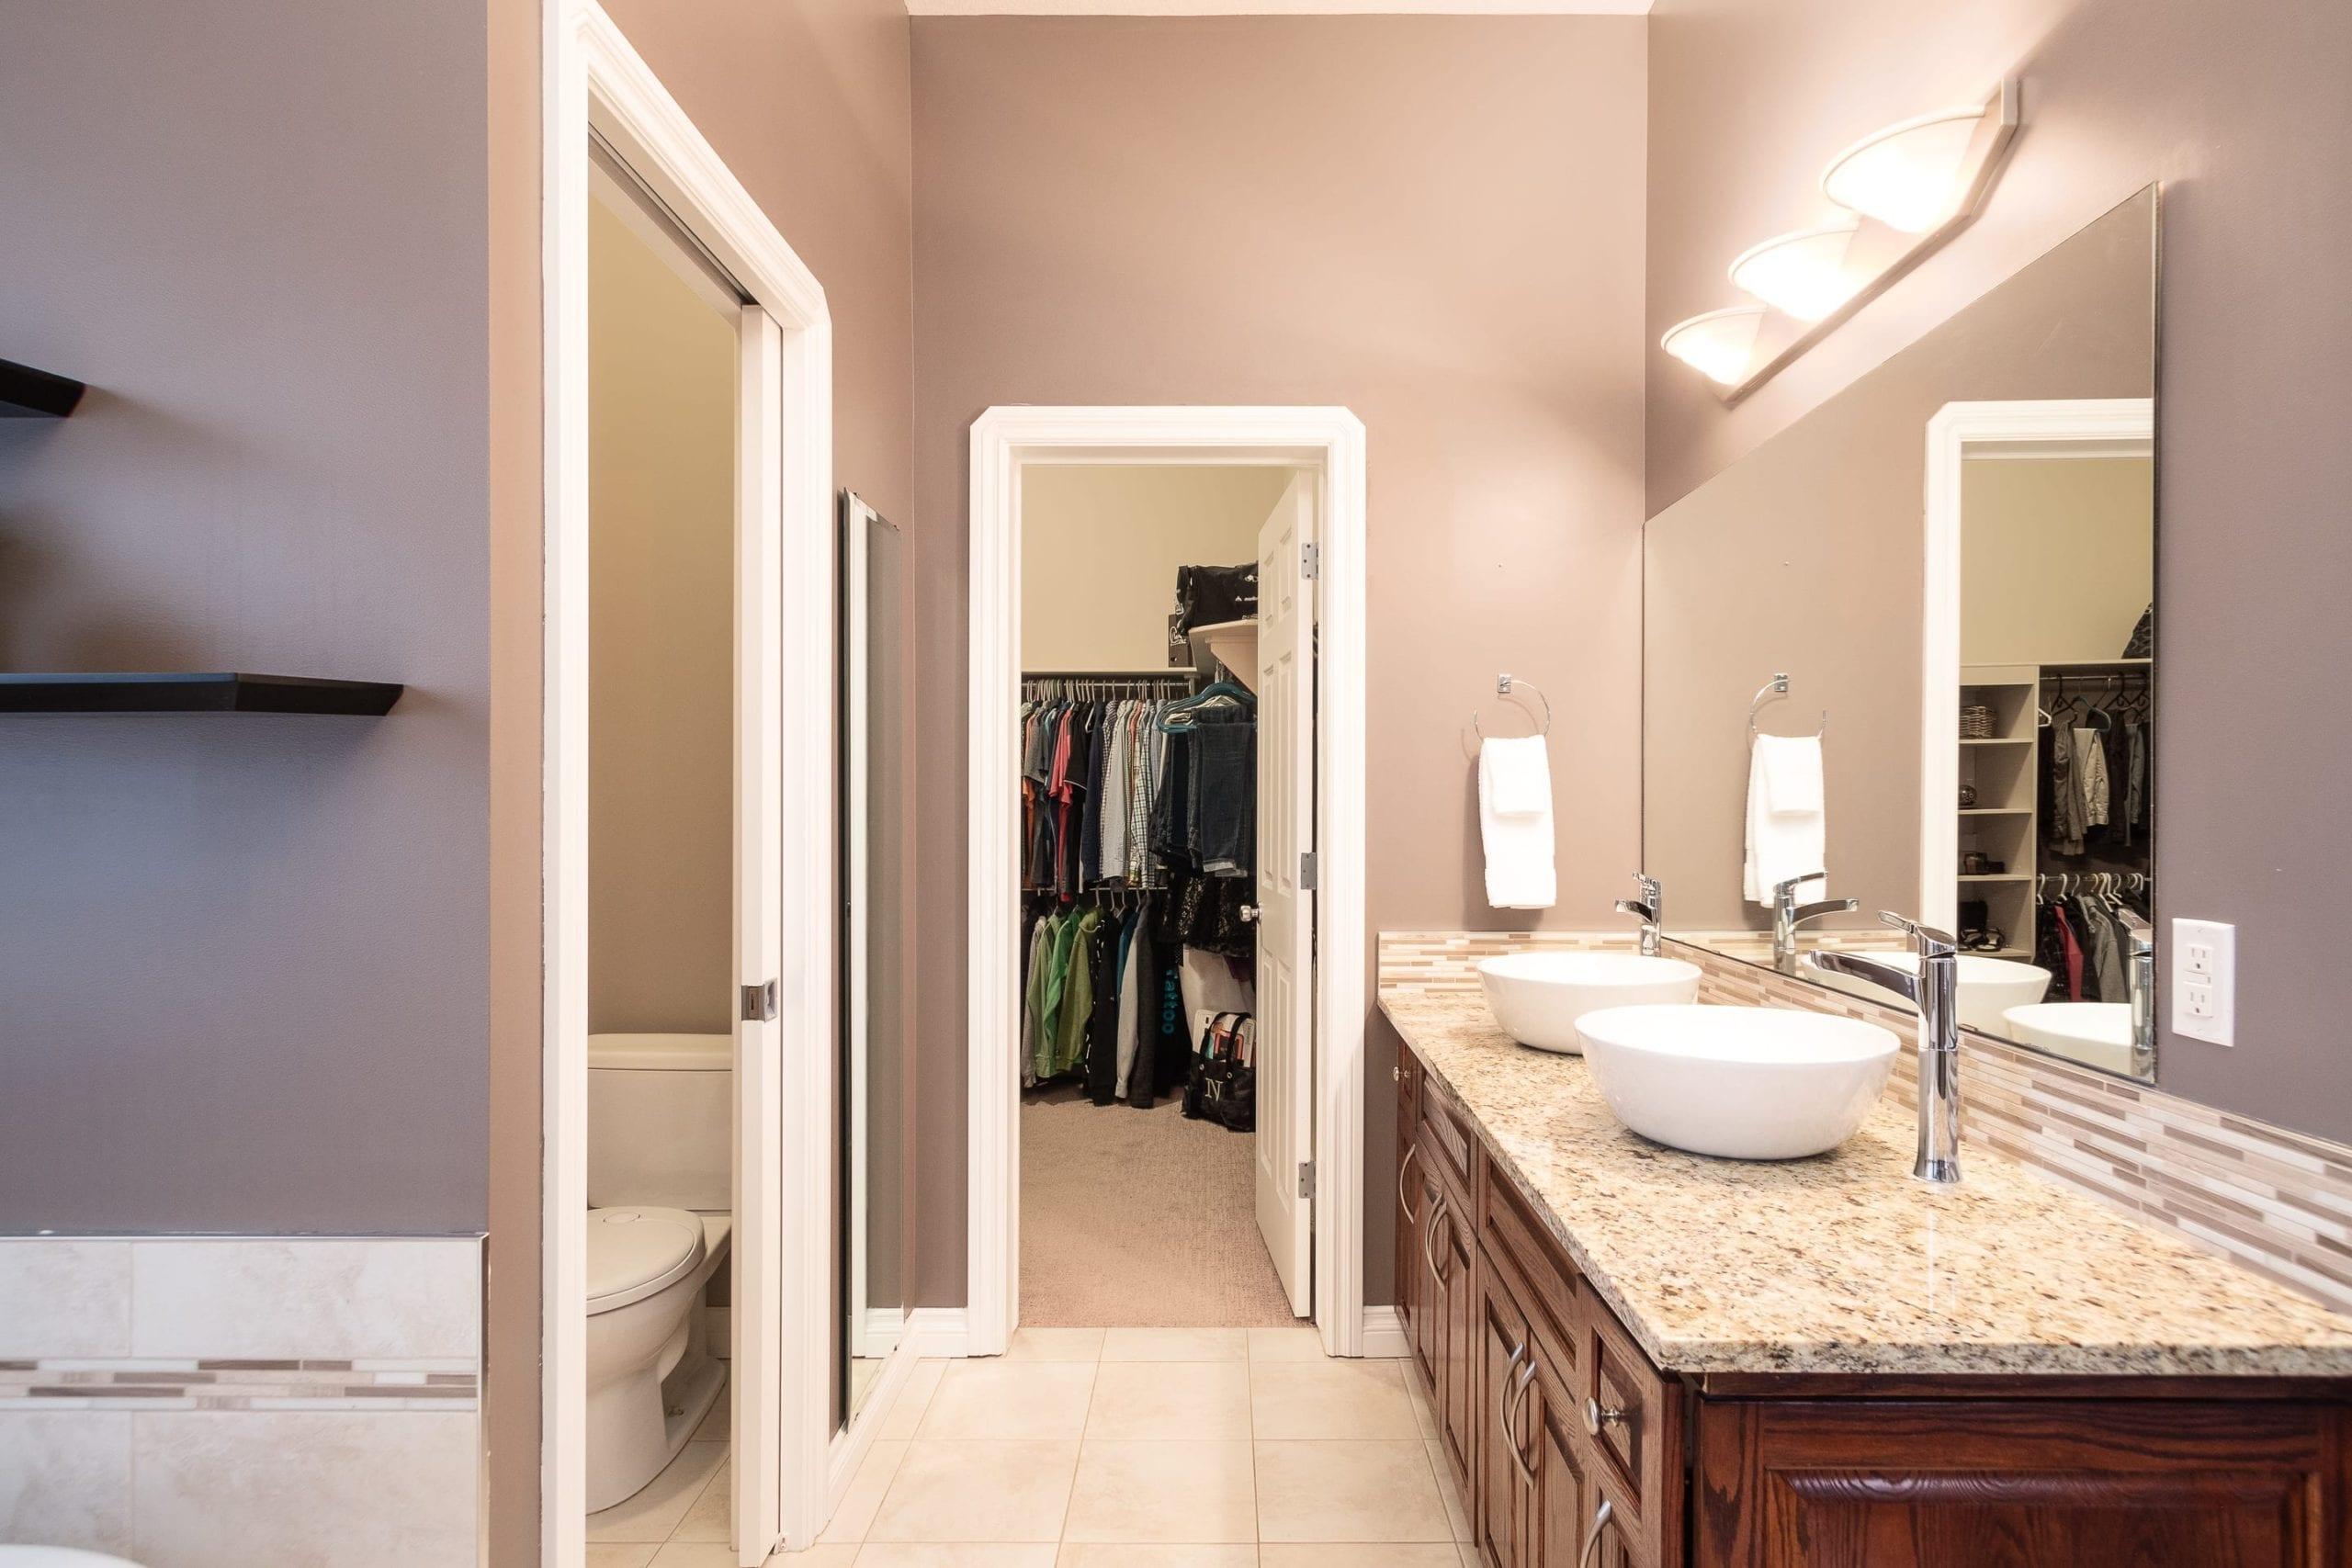 Hello Gorgeous - 243 Stage Coach Lane, Rockyview County AB - Tara Molina Real Estate (38 of 59)